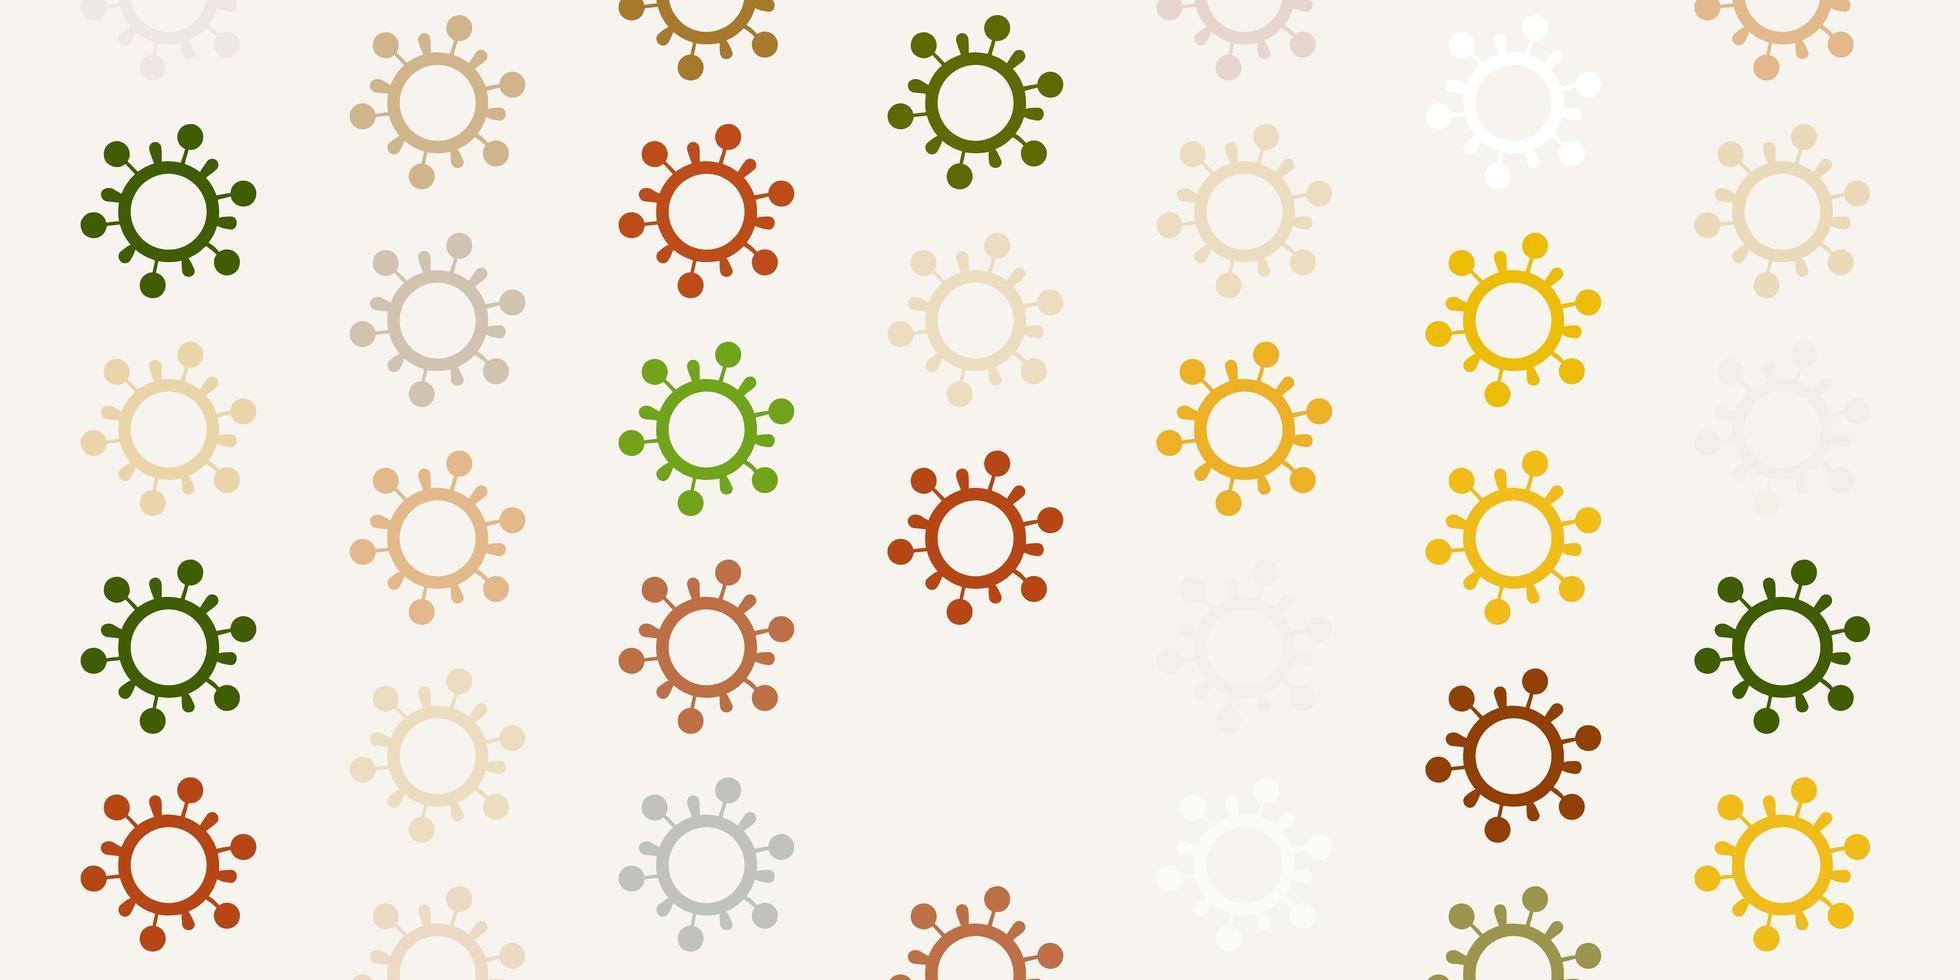 hellgrüne, gelbe Vektorbeschaffenheit mit Krankheitssymbolen. vektor